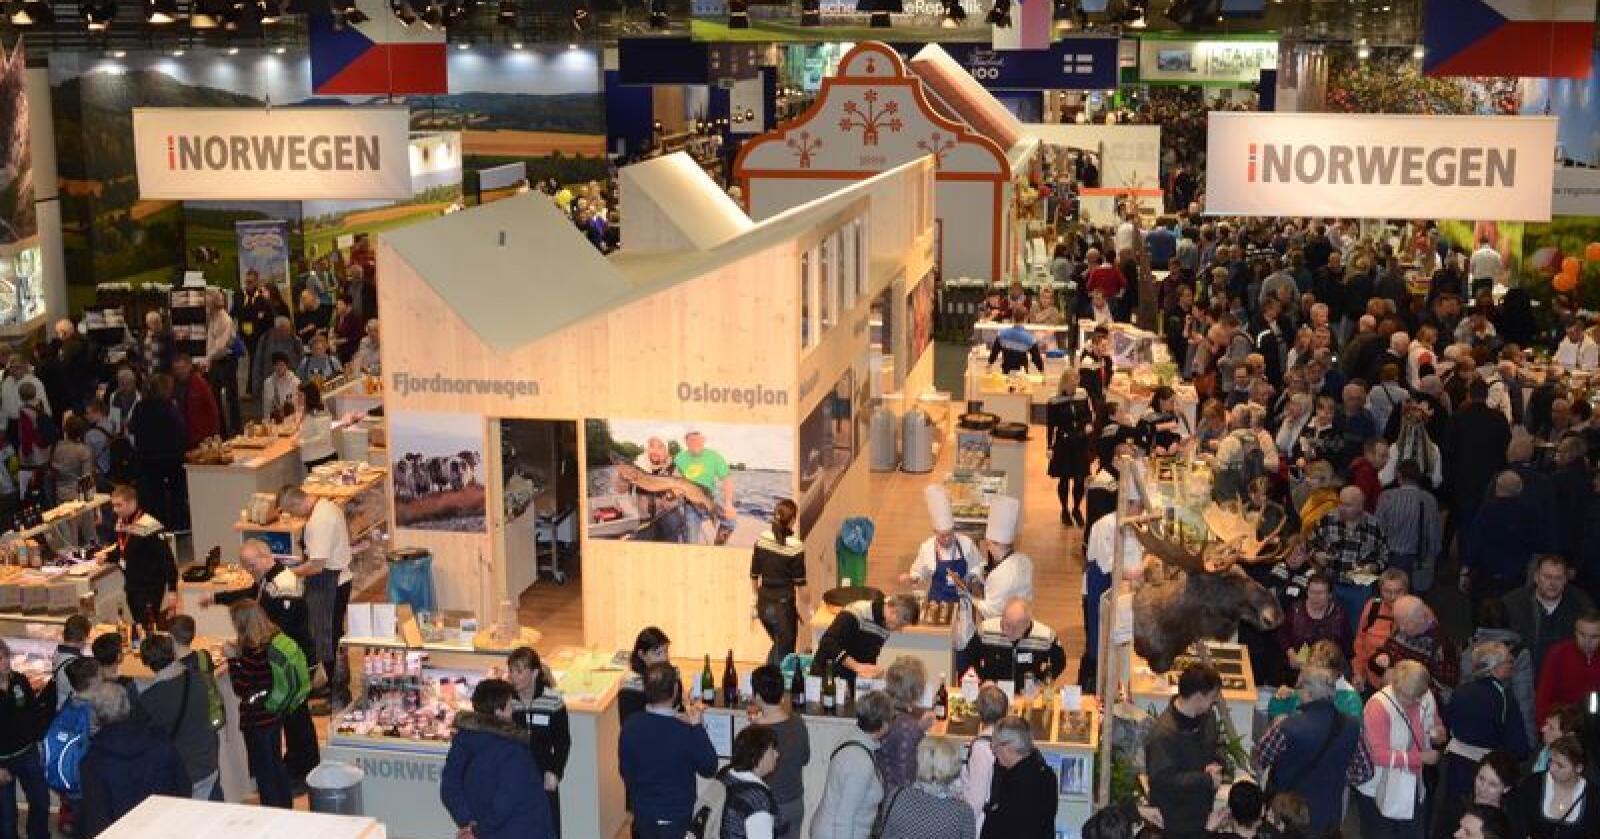 Grüne Woche er den største internasjonale messen for mat og landbruk. Norge har deltatt i mer enn 30 år. Dét er ikke gratis. Foto: Linda Sunde